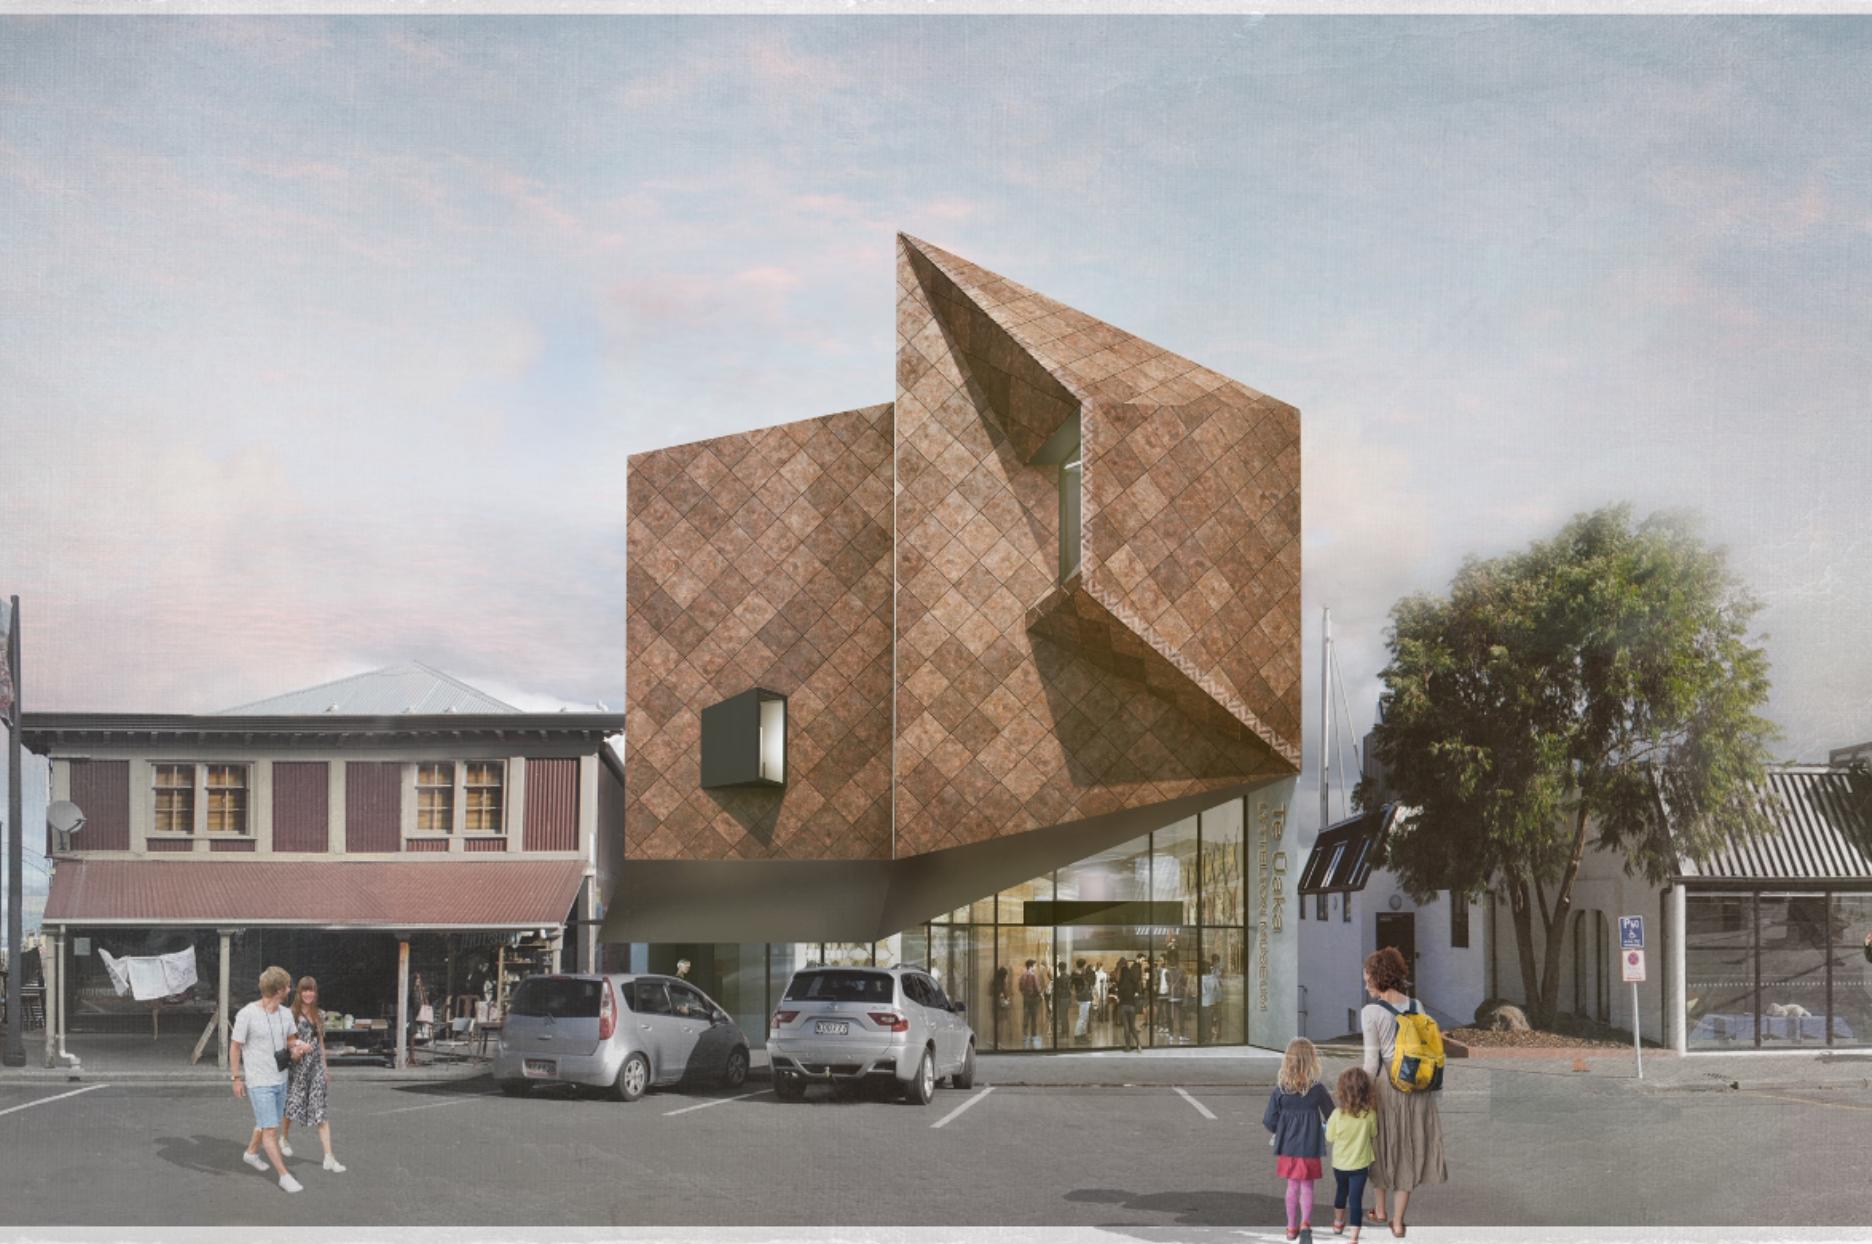 Building rendering by Warren & Mahoney